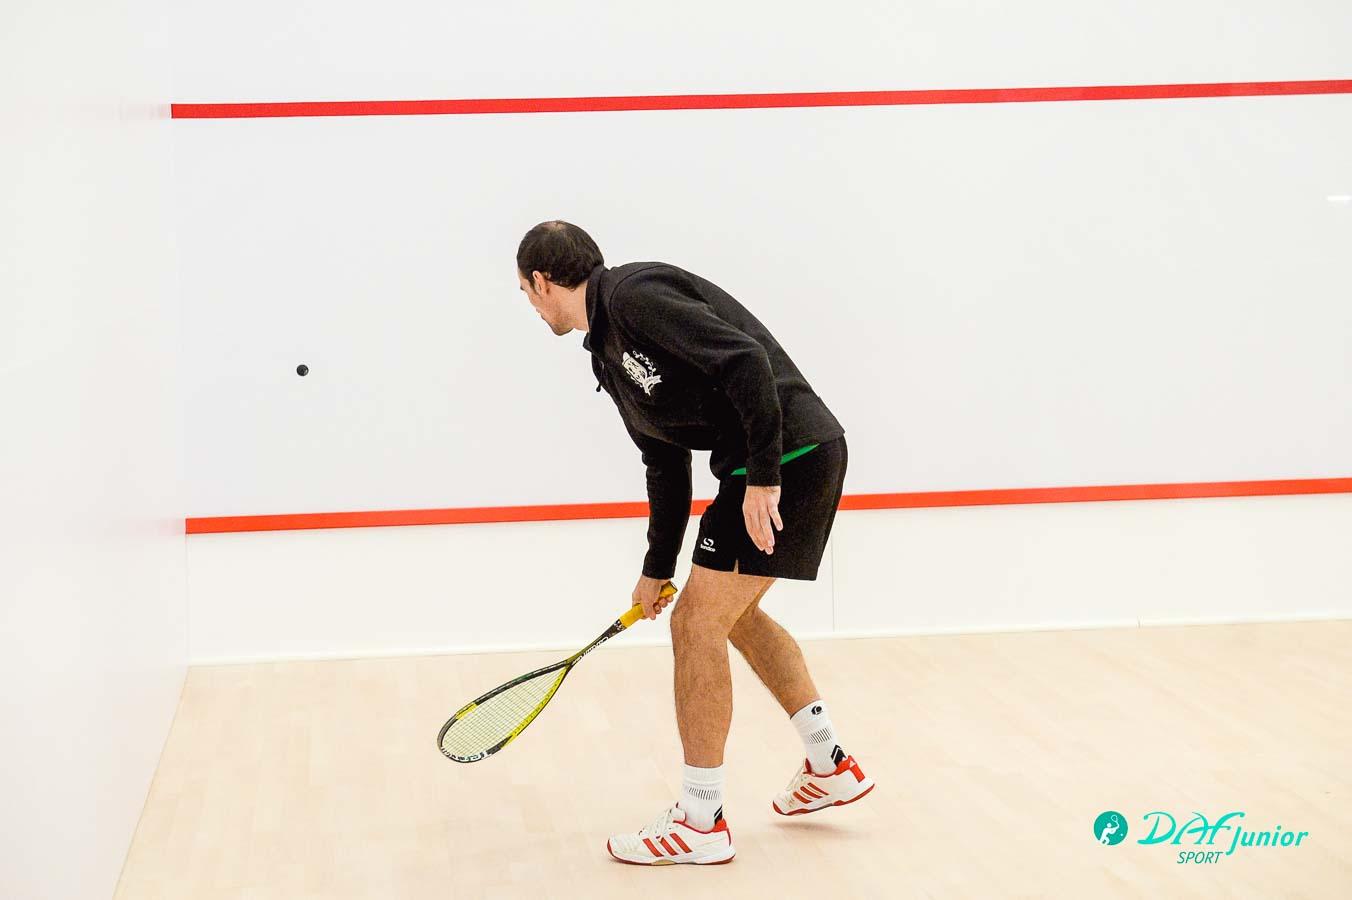 daf-sport-gallery-8